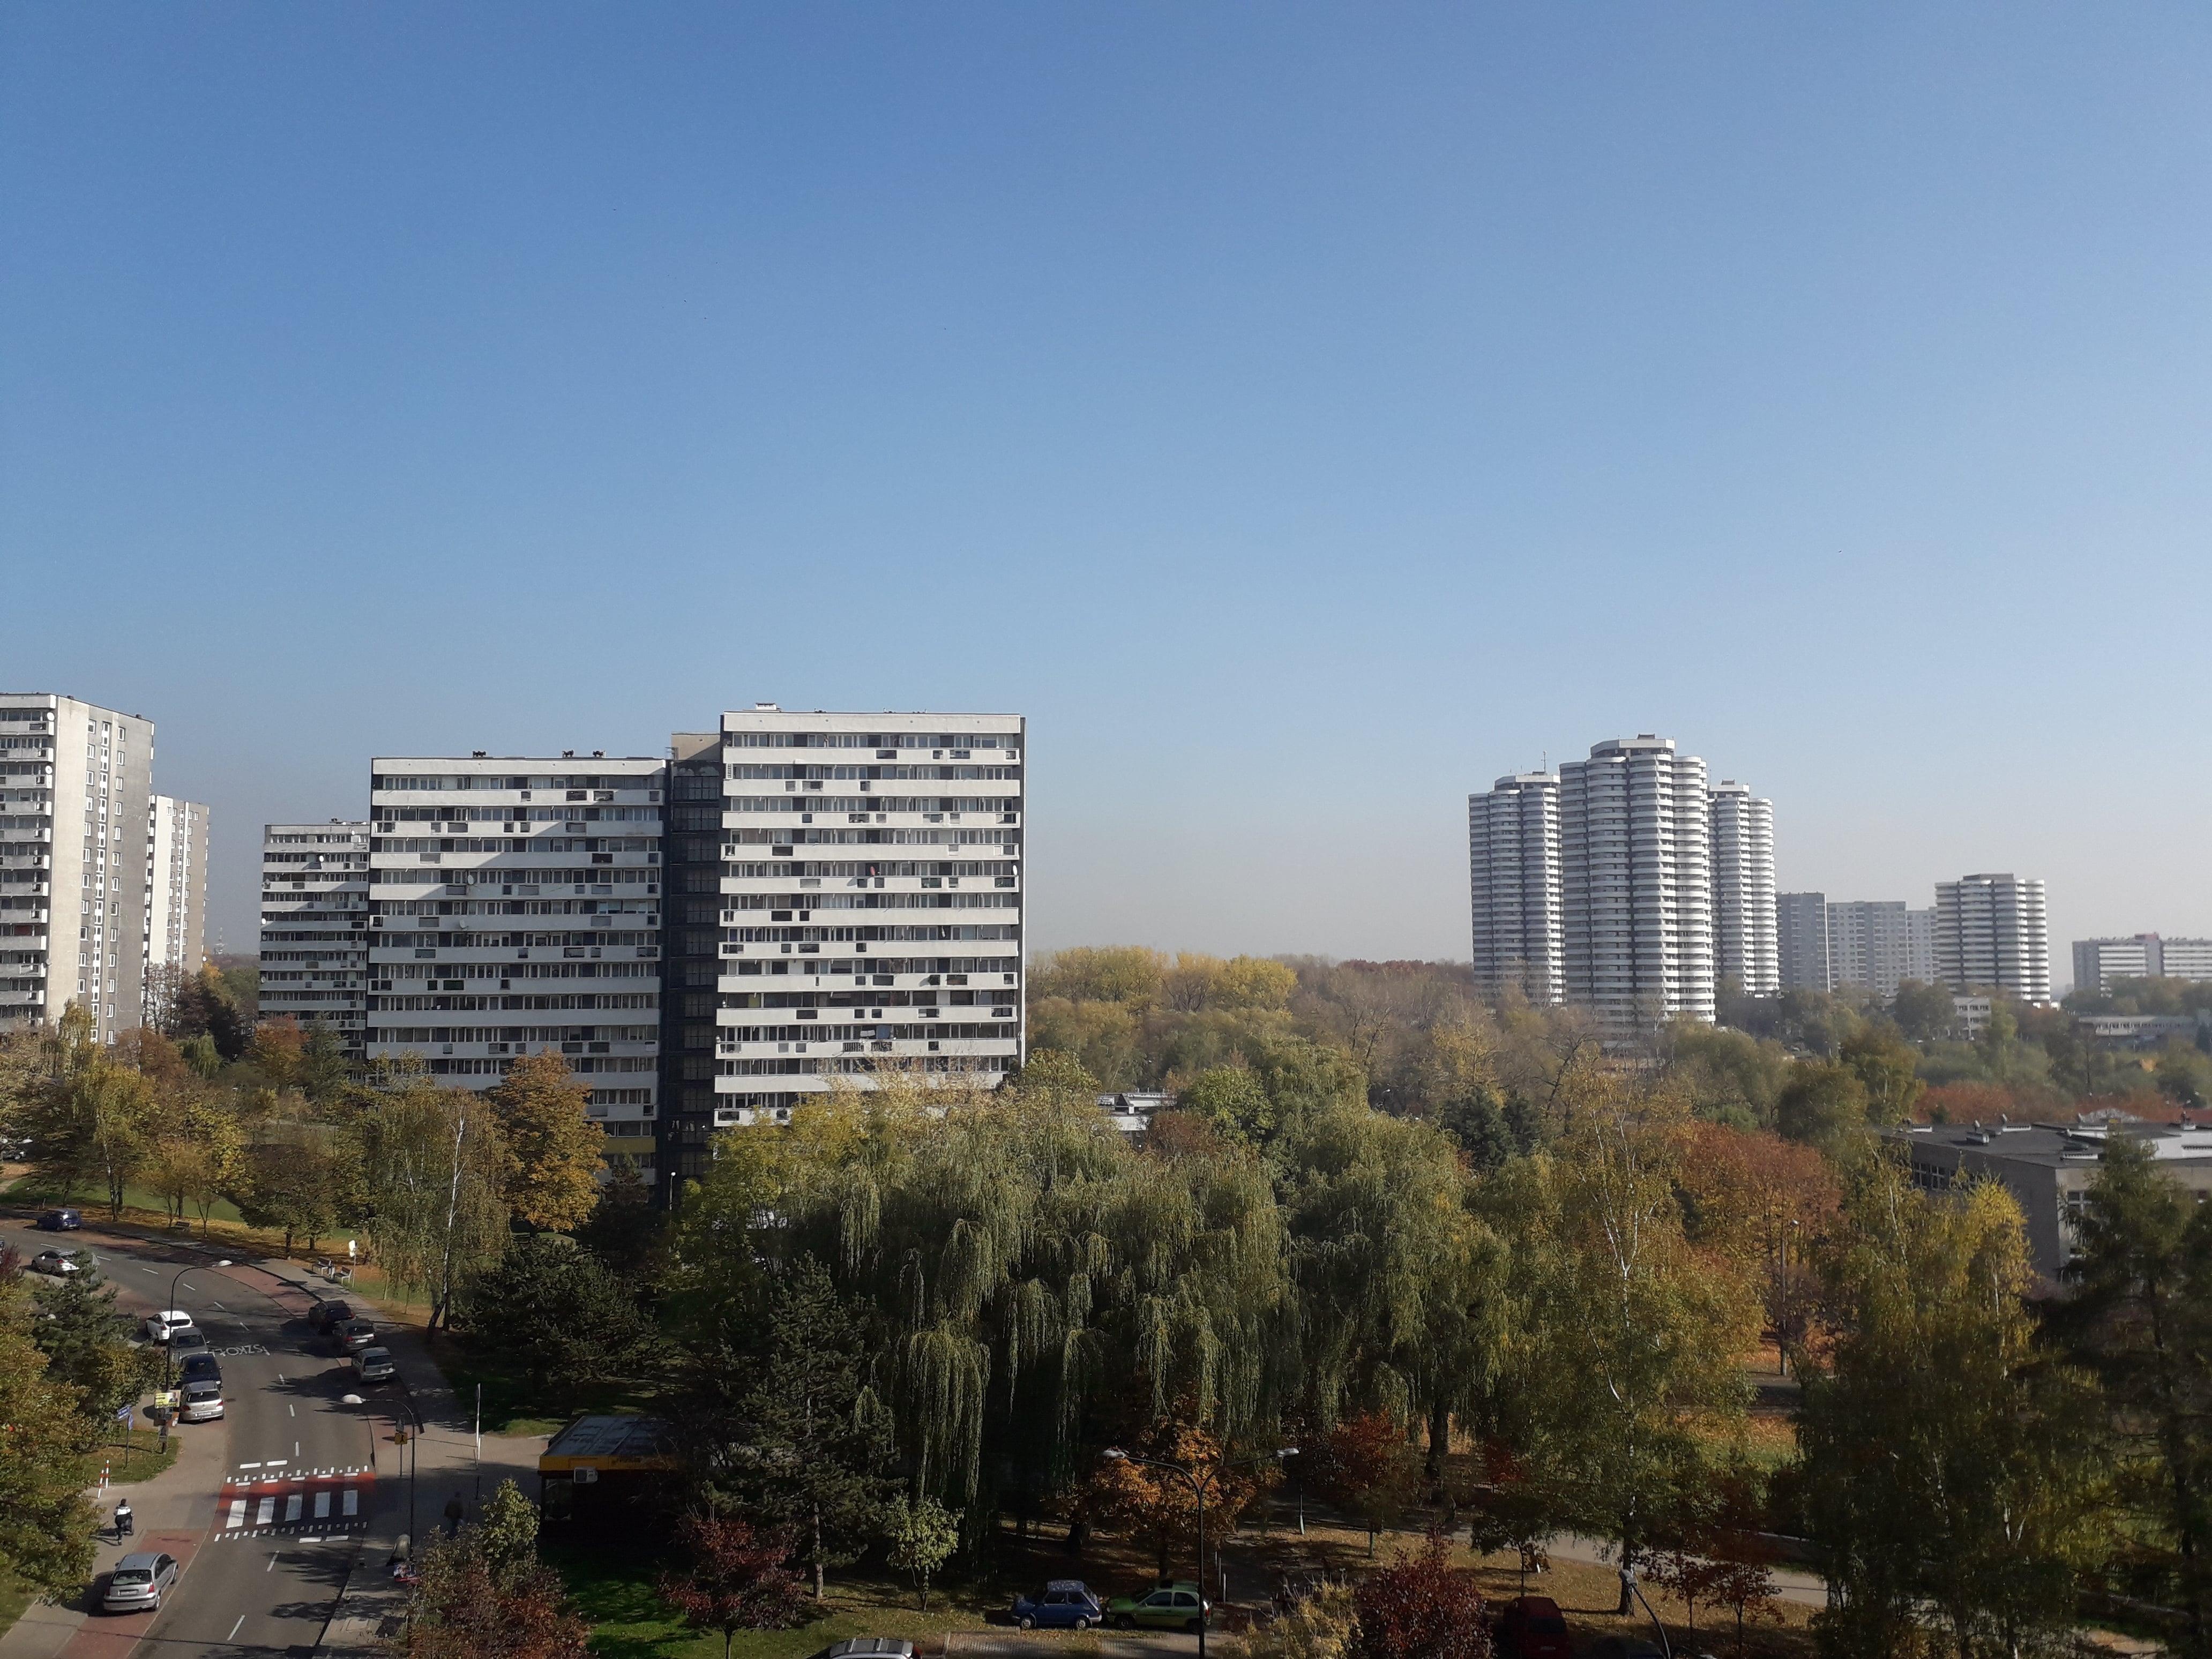 Słoneczna pogoda - Samsung Galaxy J6